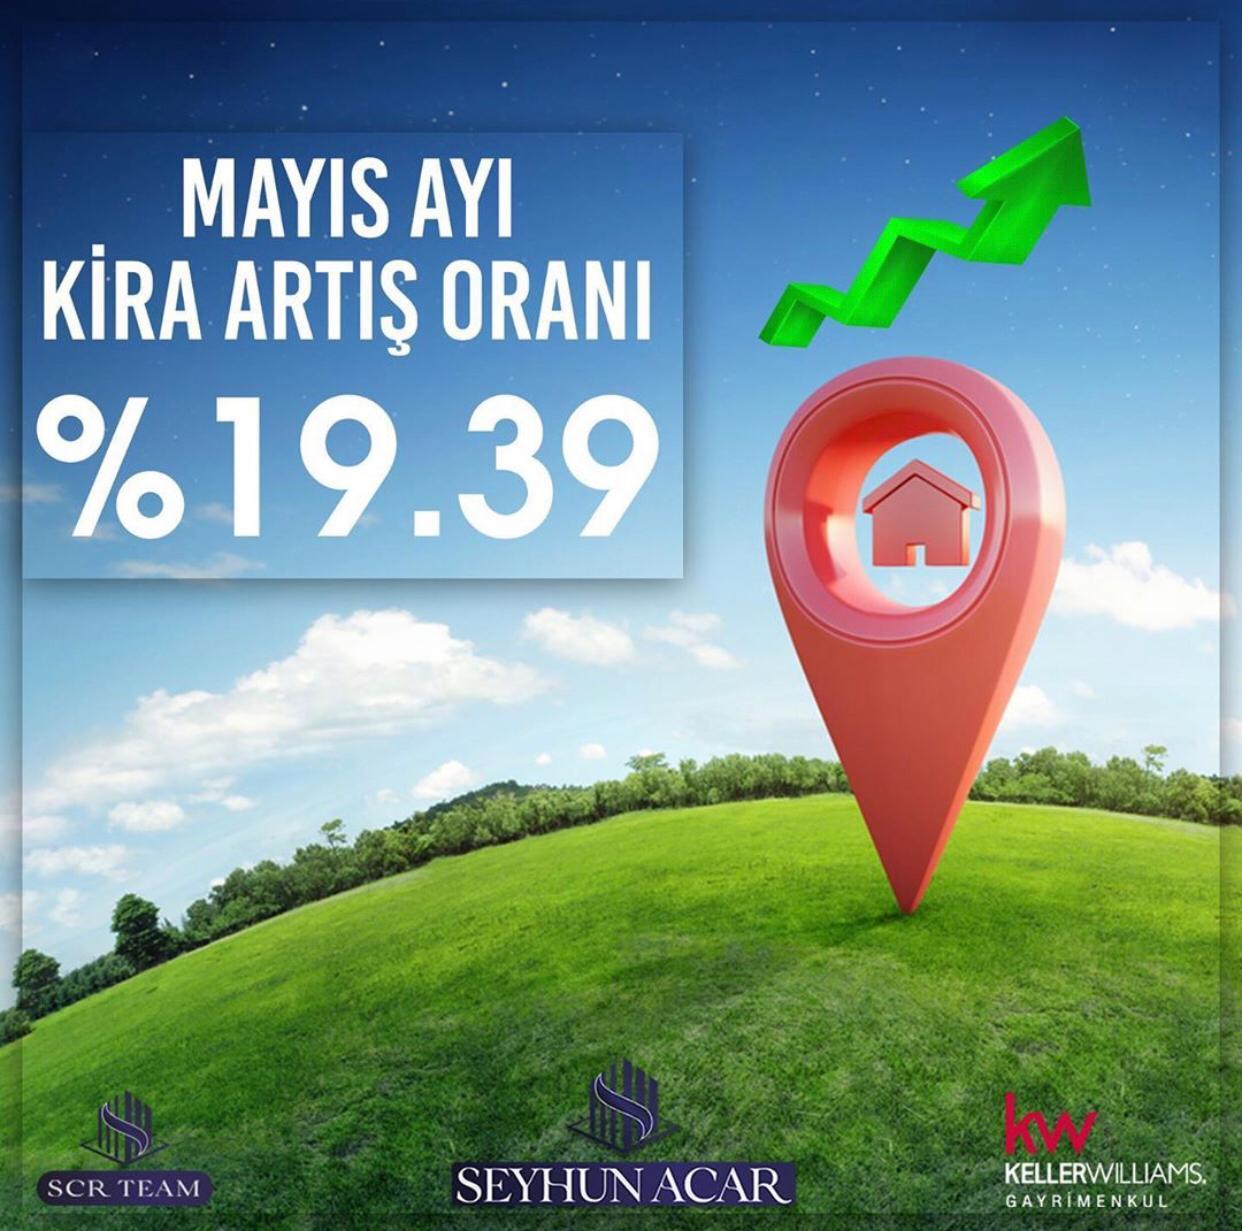 mayis-ayi-kira-artis-orani